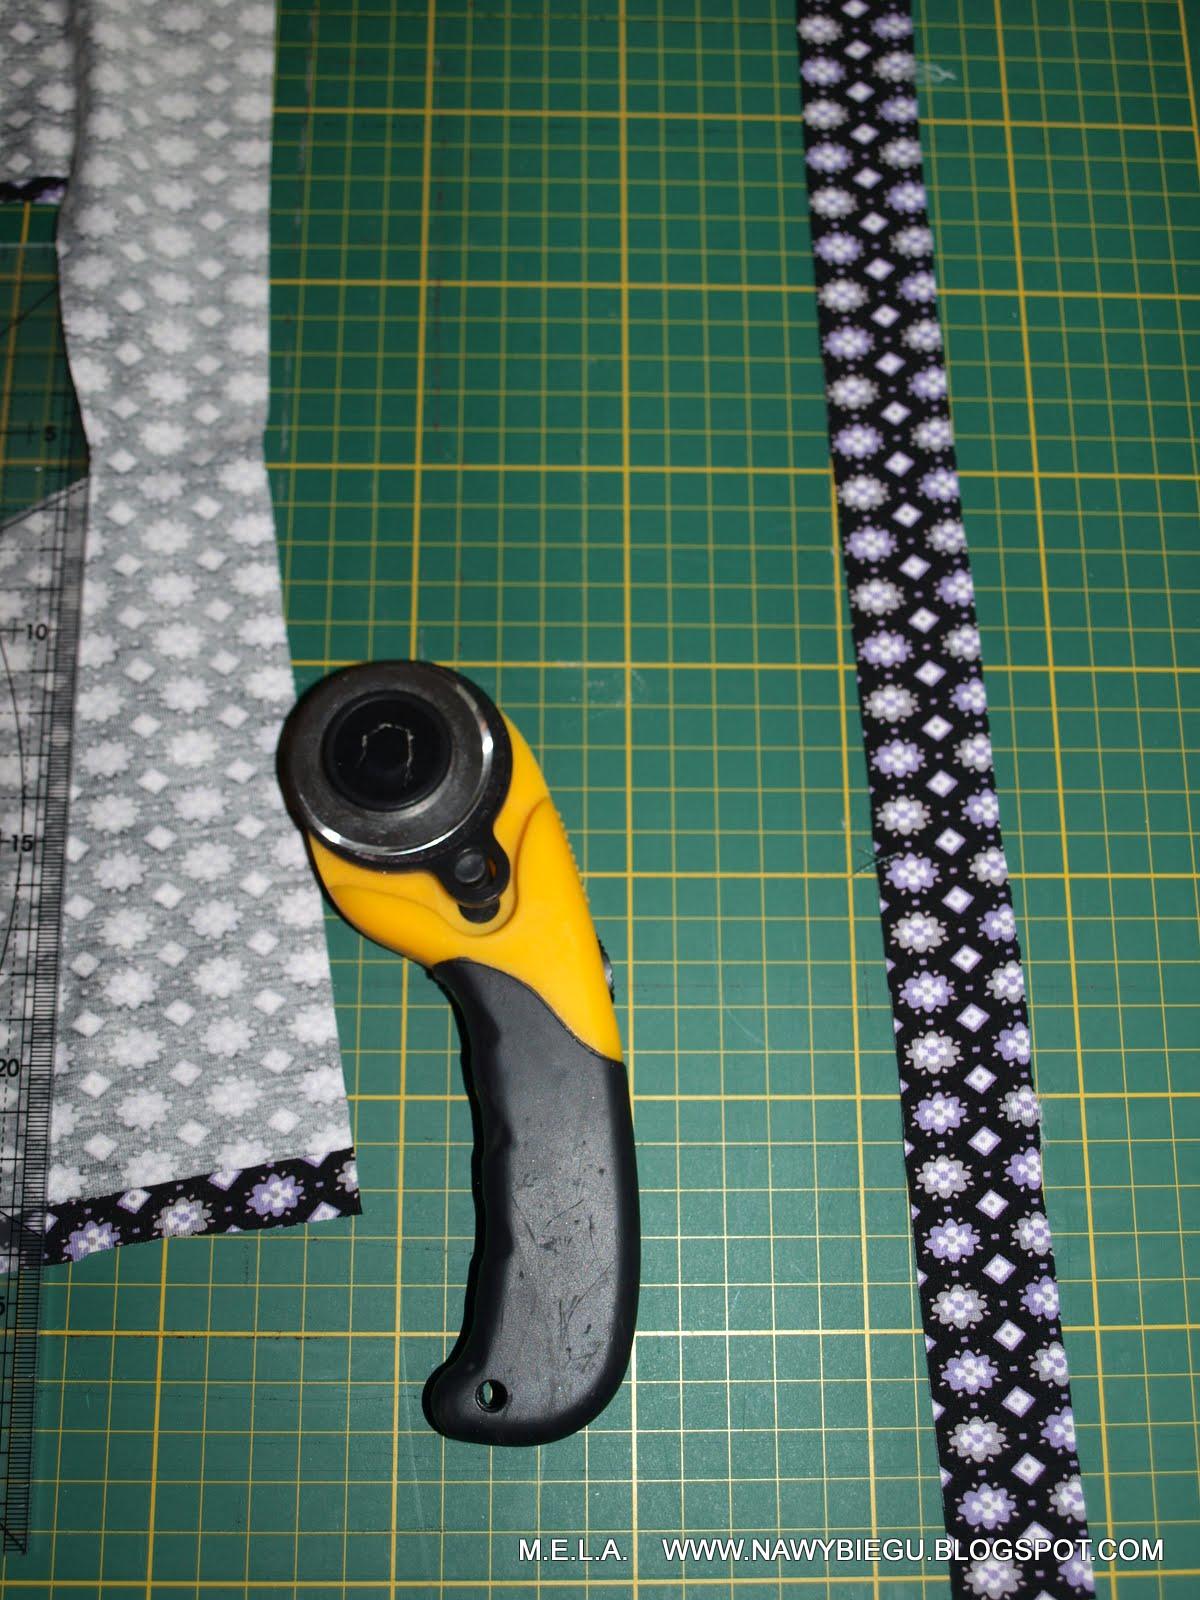 4bf88f23e7e8df następnie przypięłam lamówkę prawą stroną do lewej strony bluzki - lamówkę  należy lekko naciągnąć, żeby zbierała dekolt a nie rozciągała go